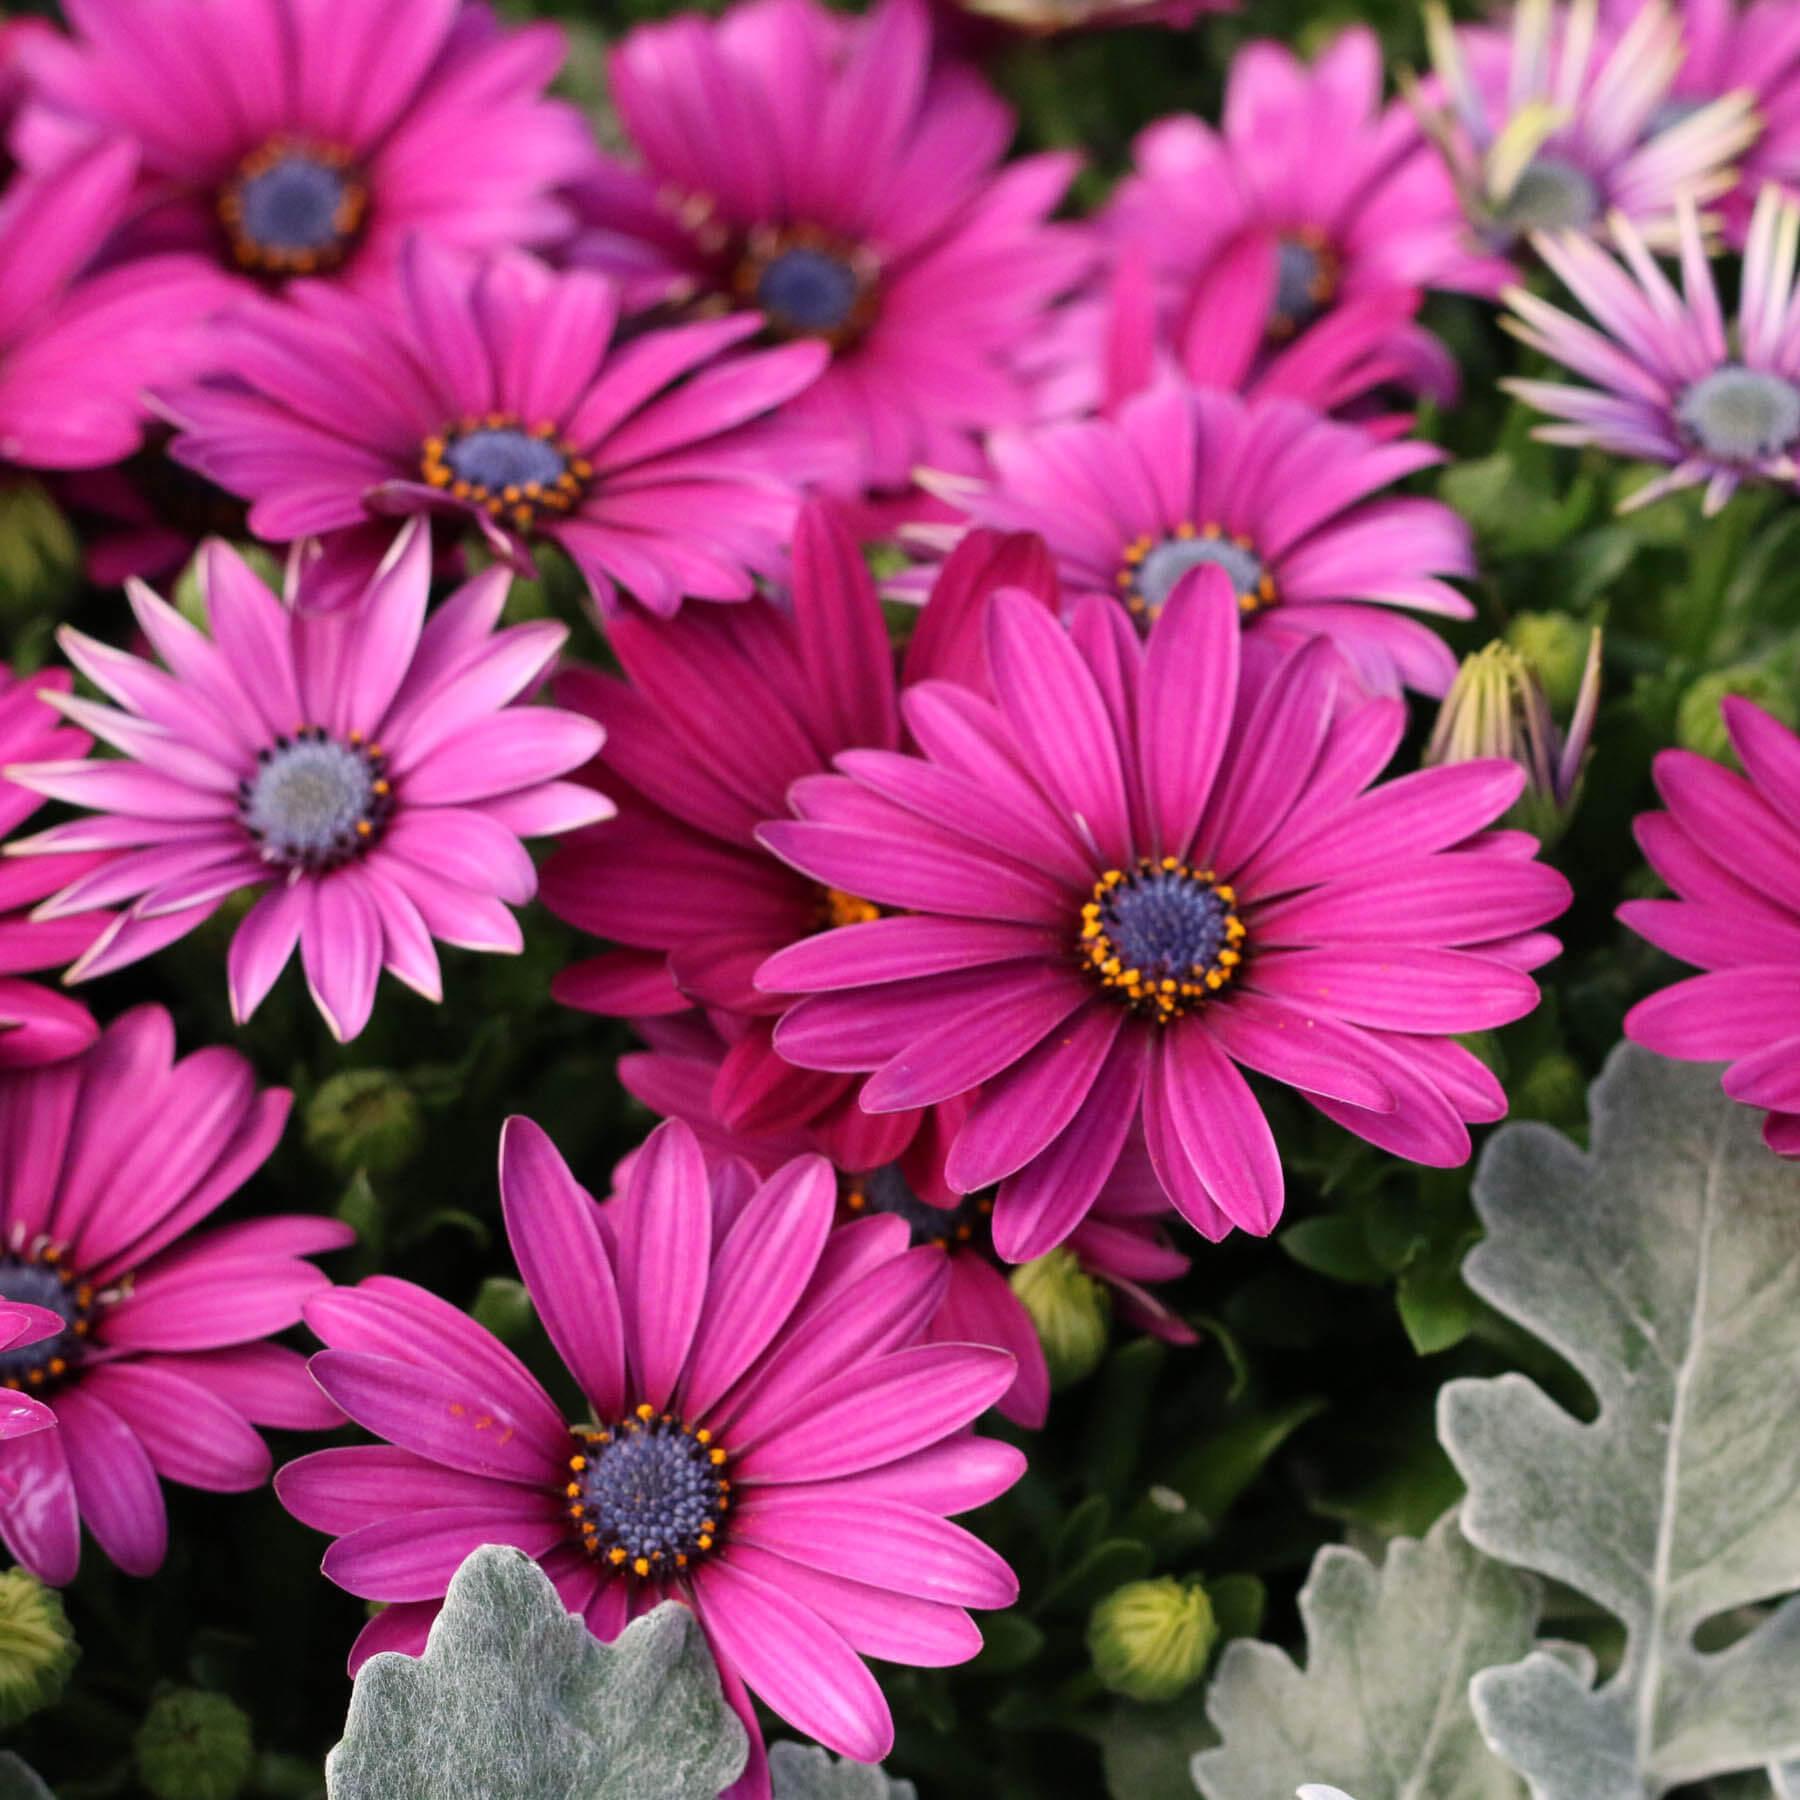 Trädgårdsväxter, sommarblommor: Stjärnöga